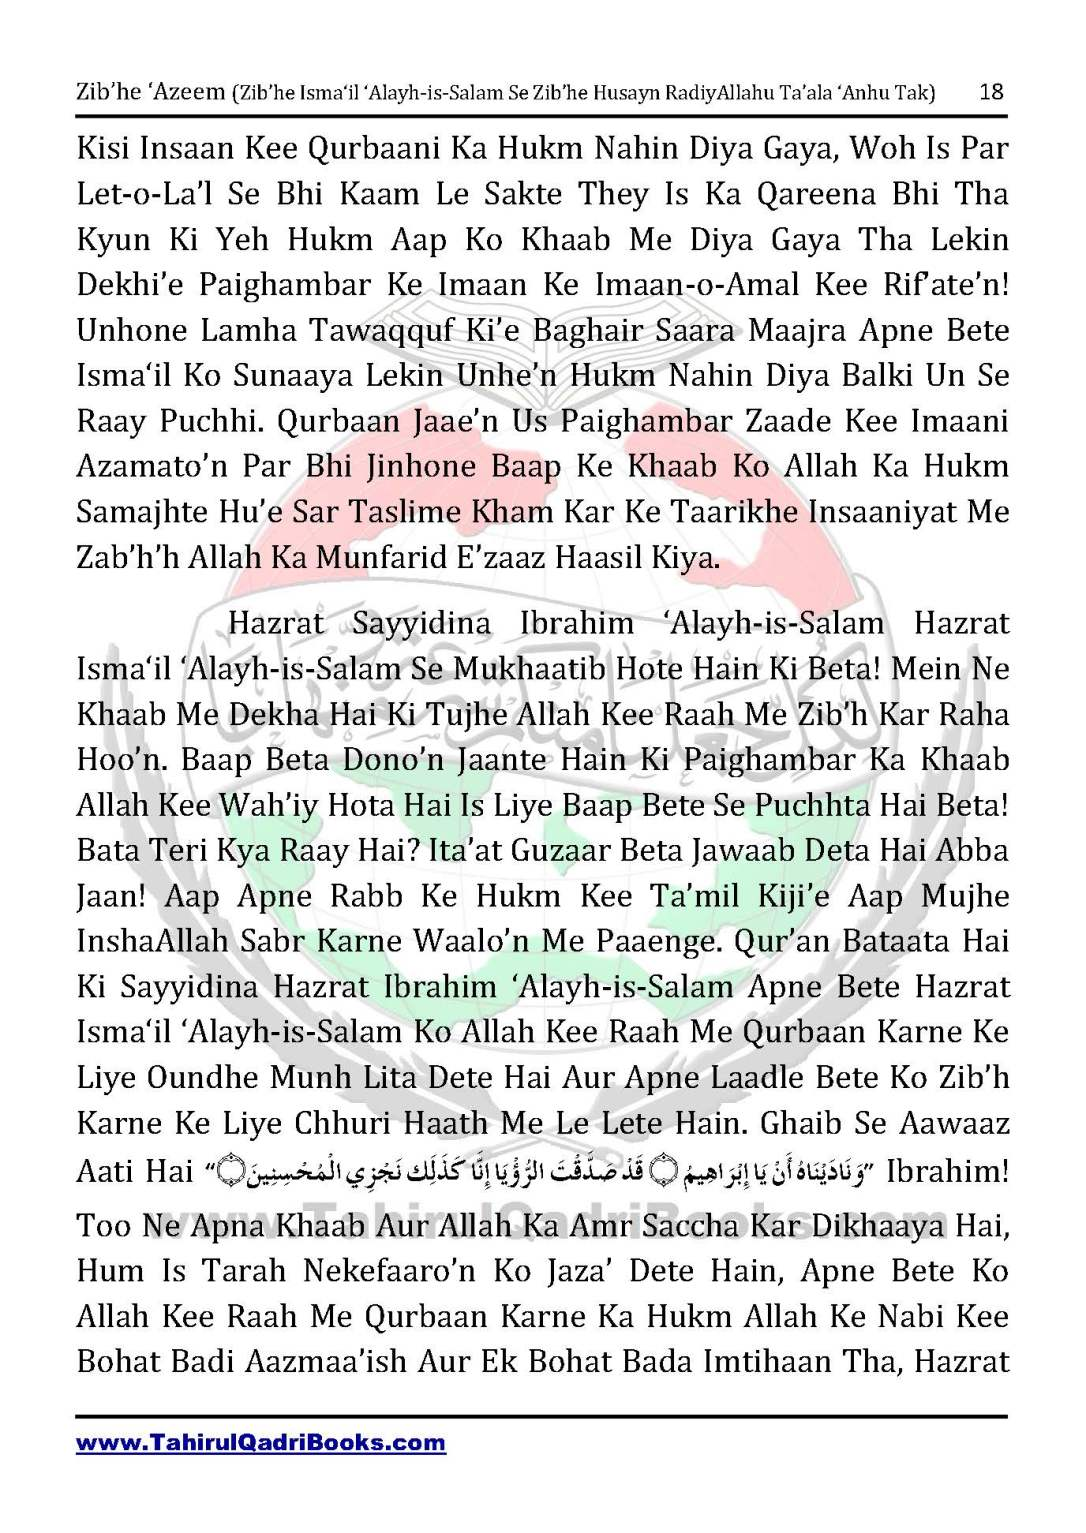 zib_he-e28098azeem-zib_he-ismacabbil-se-zib_he-husayn-tak-in-roman-urdu-unlocked_Page_018